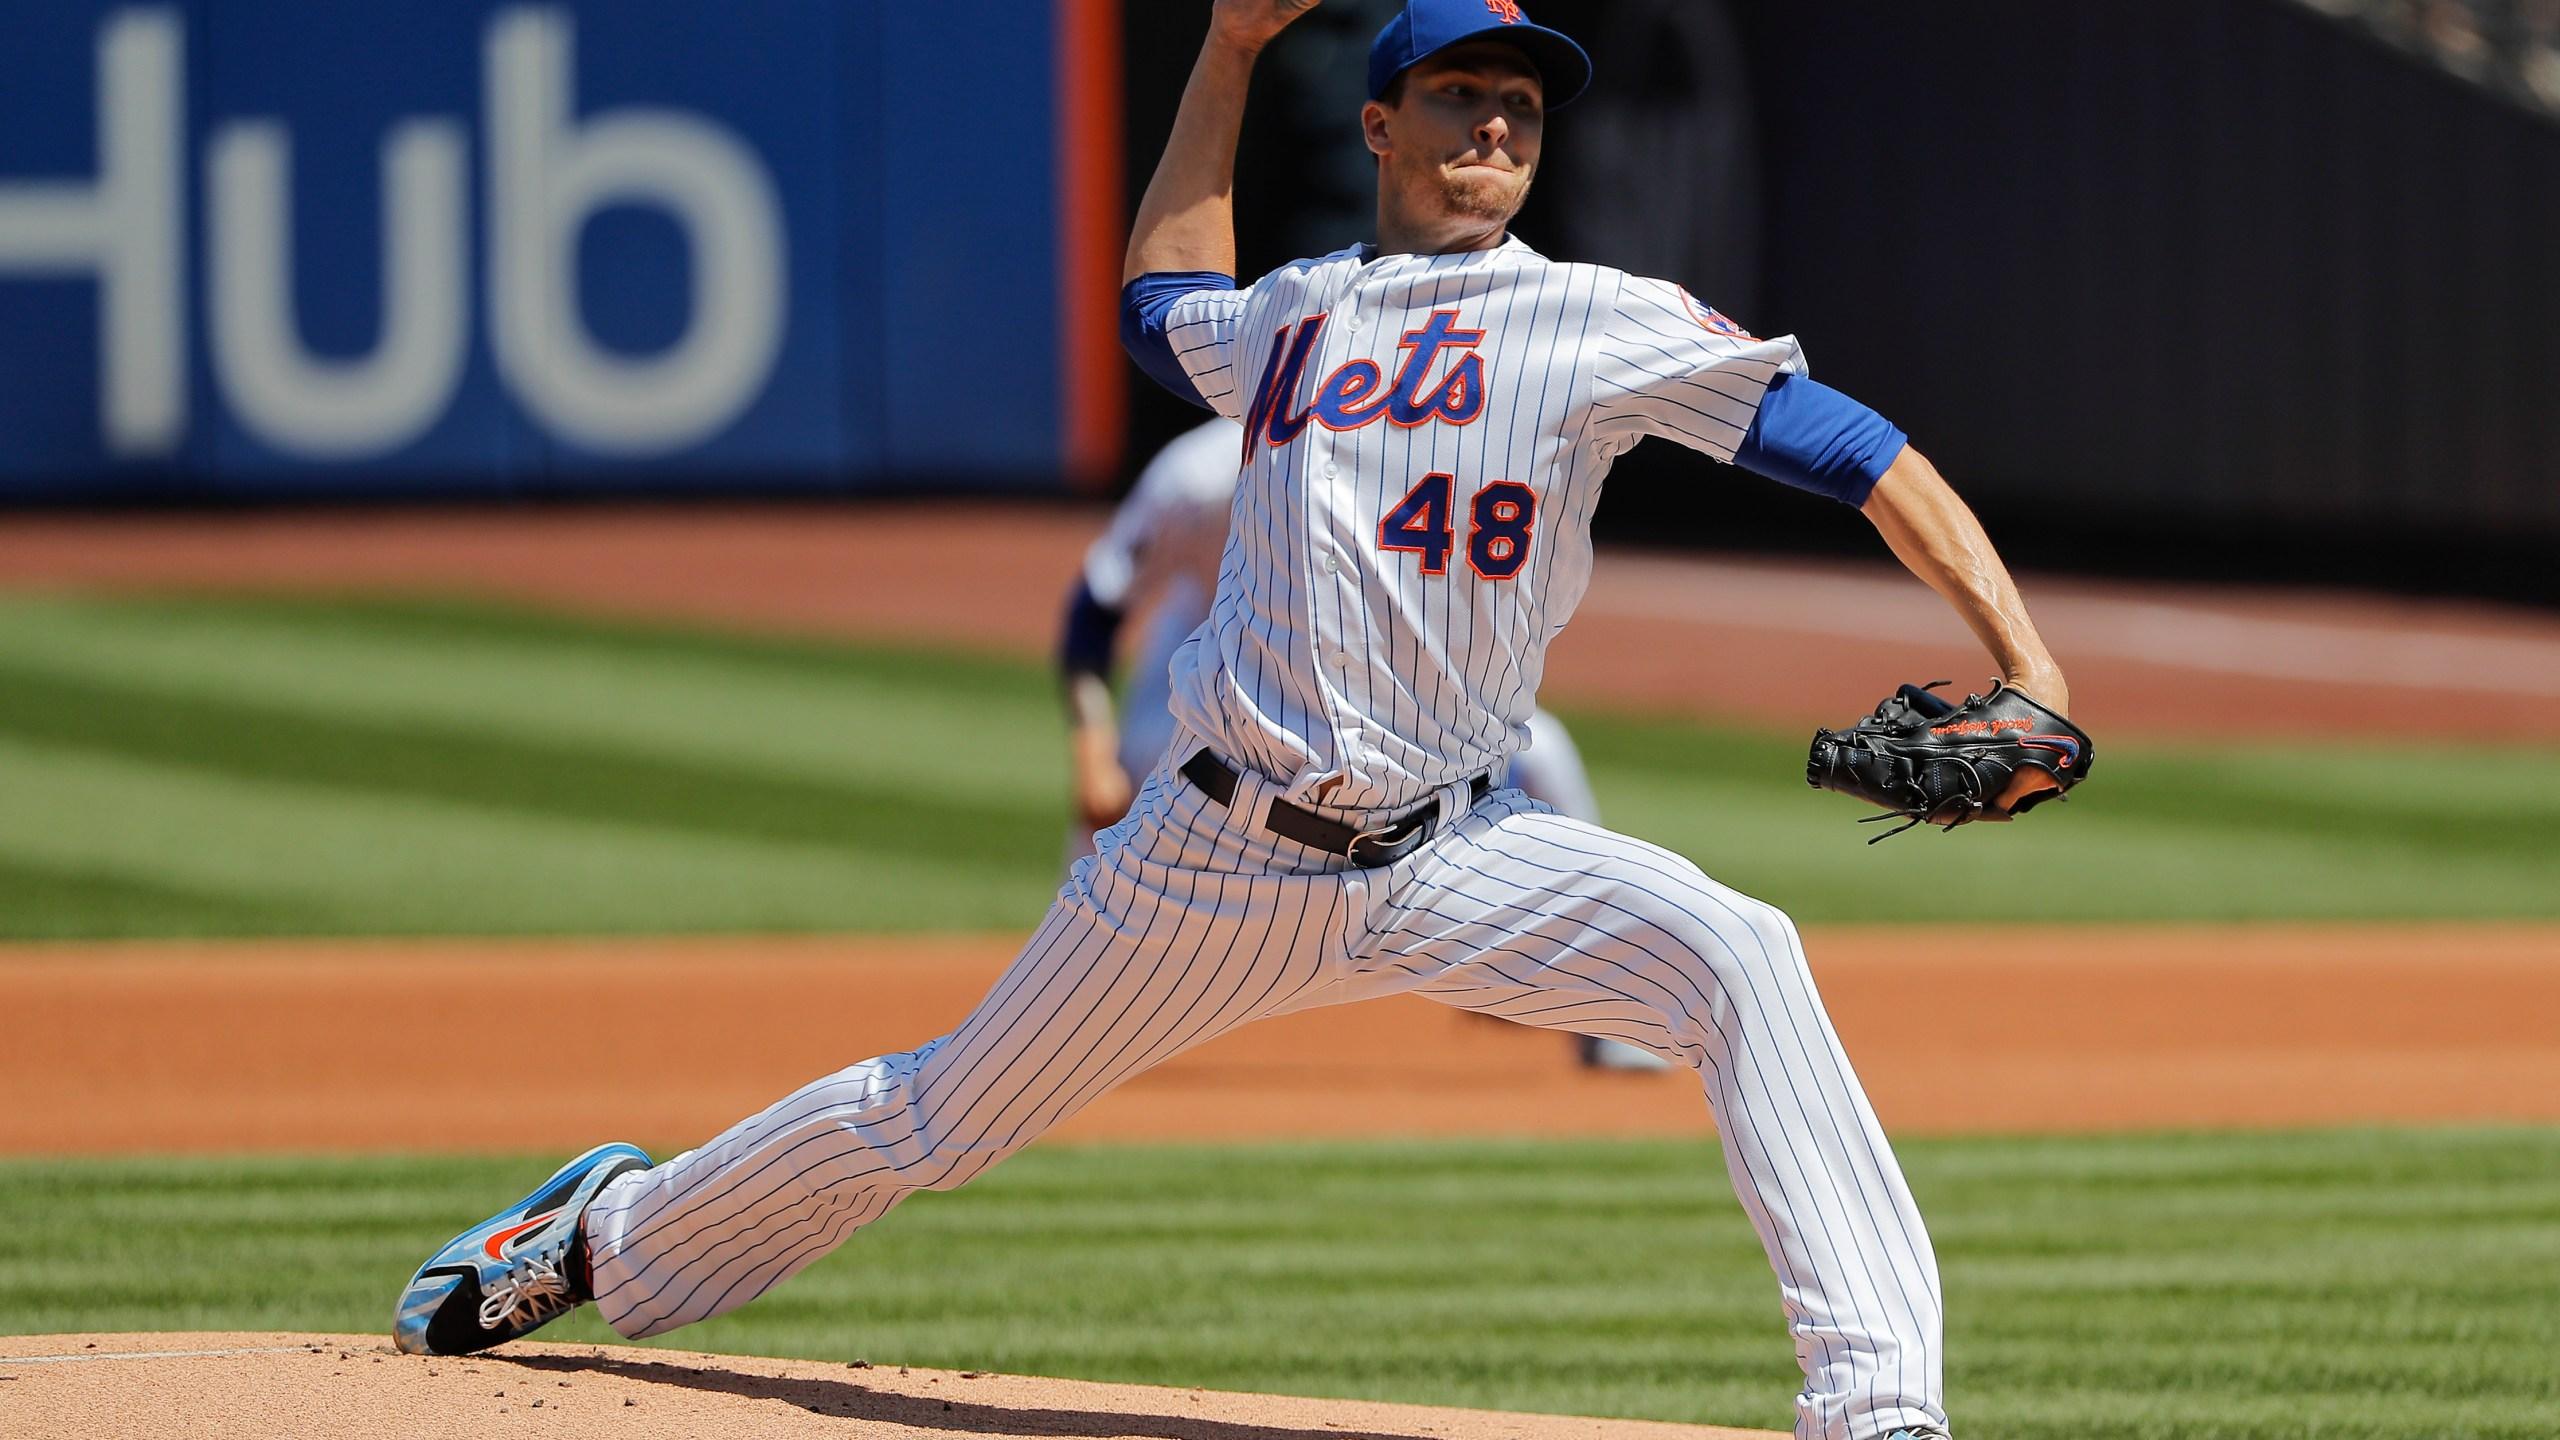 Giants Mets Baseball_1535072420478